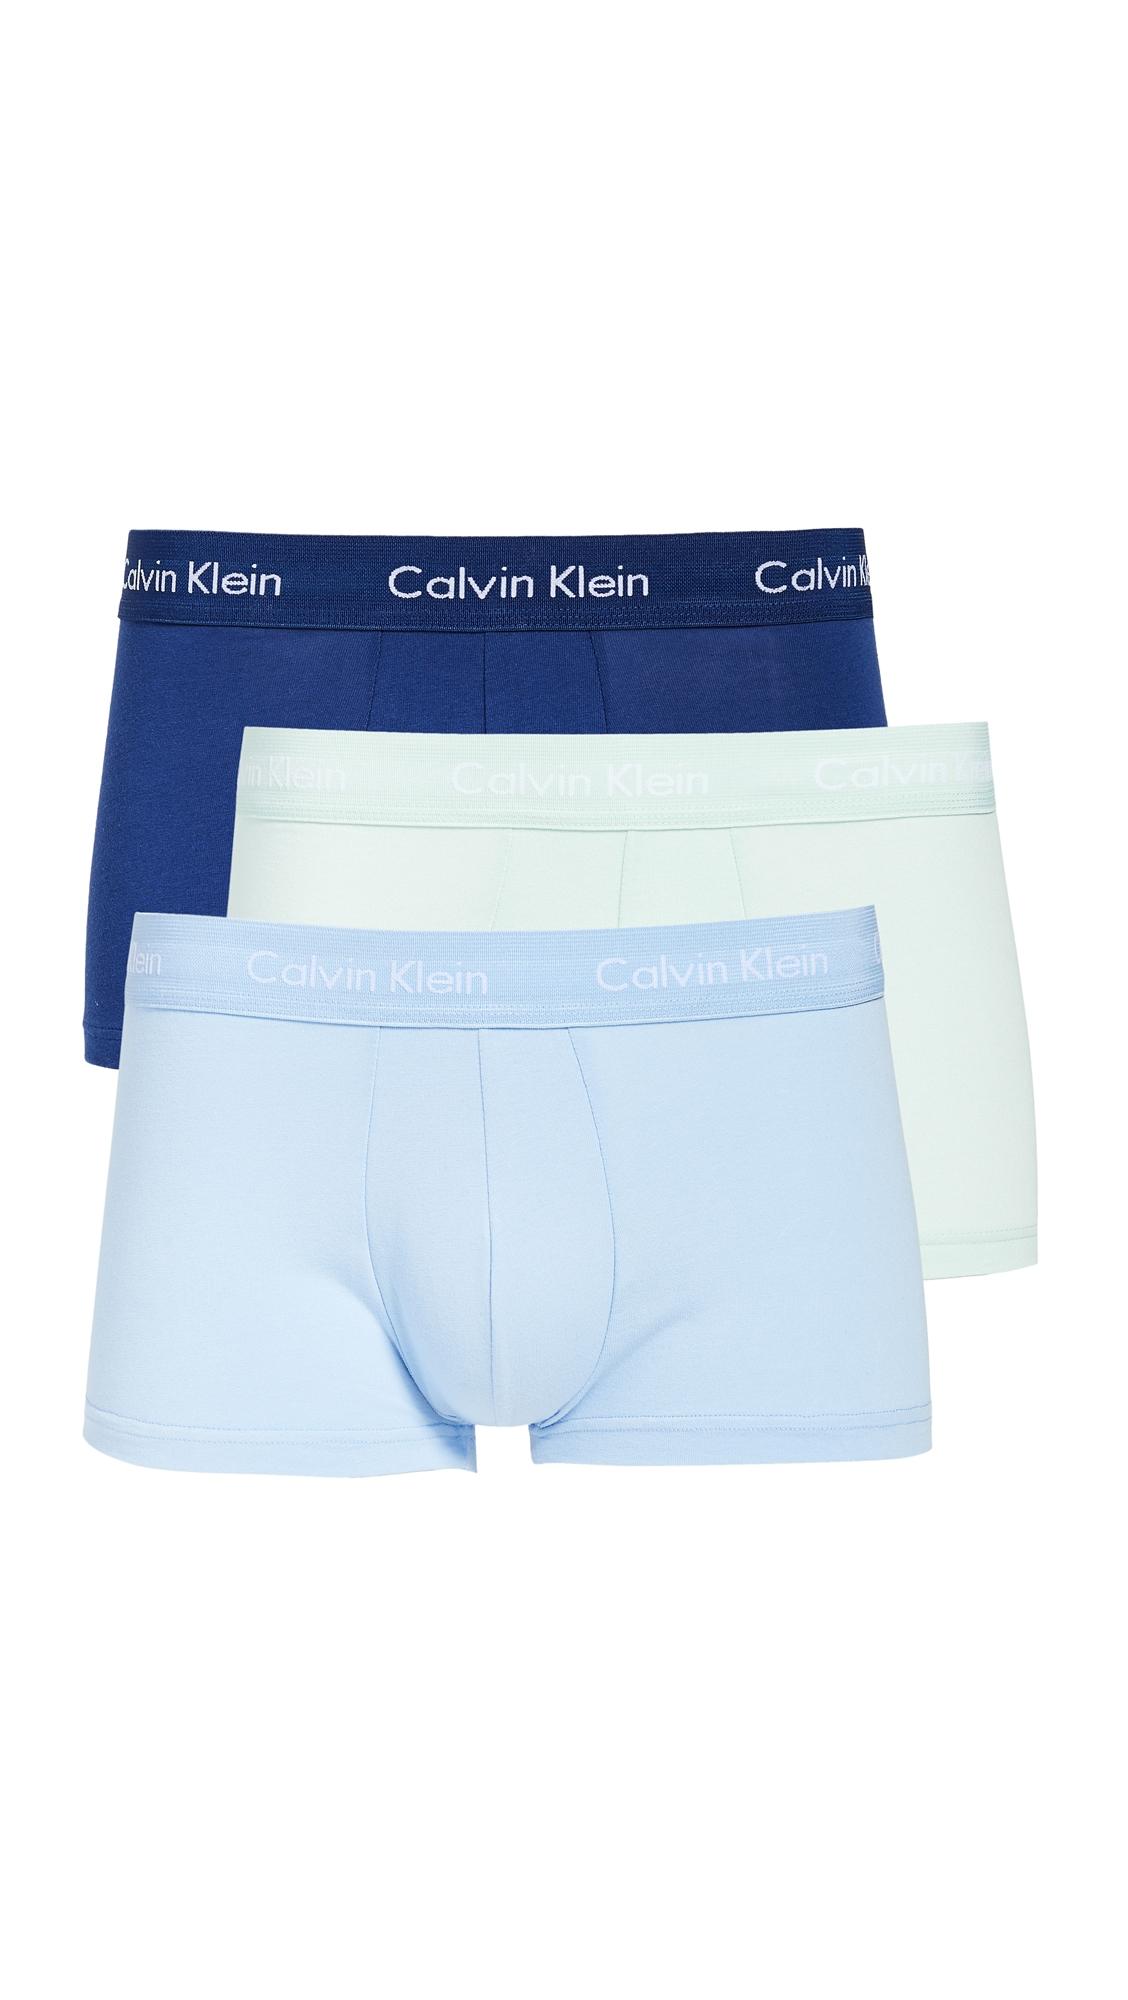 CALVIN KLEIN | Calvin Klein Underwear Cotton Stretch 3 Pack Trunks | Goxip